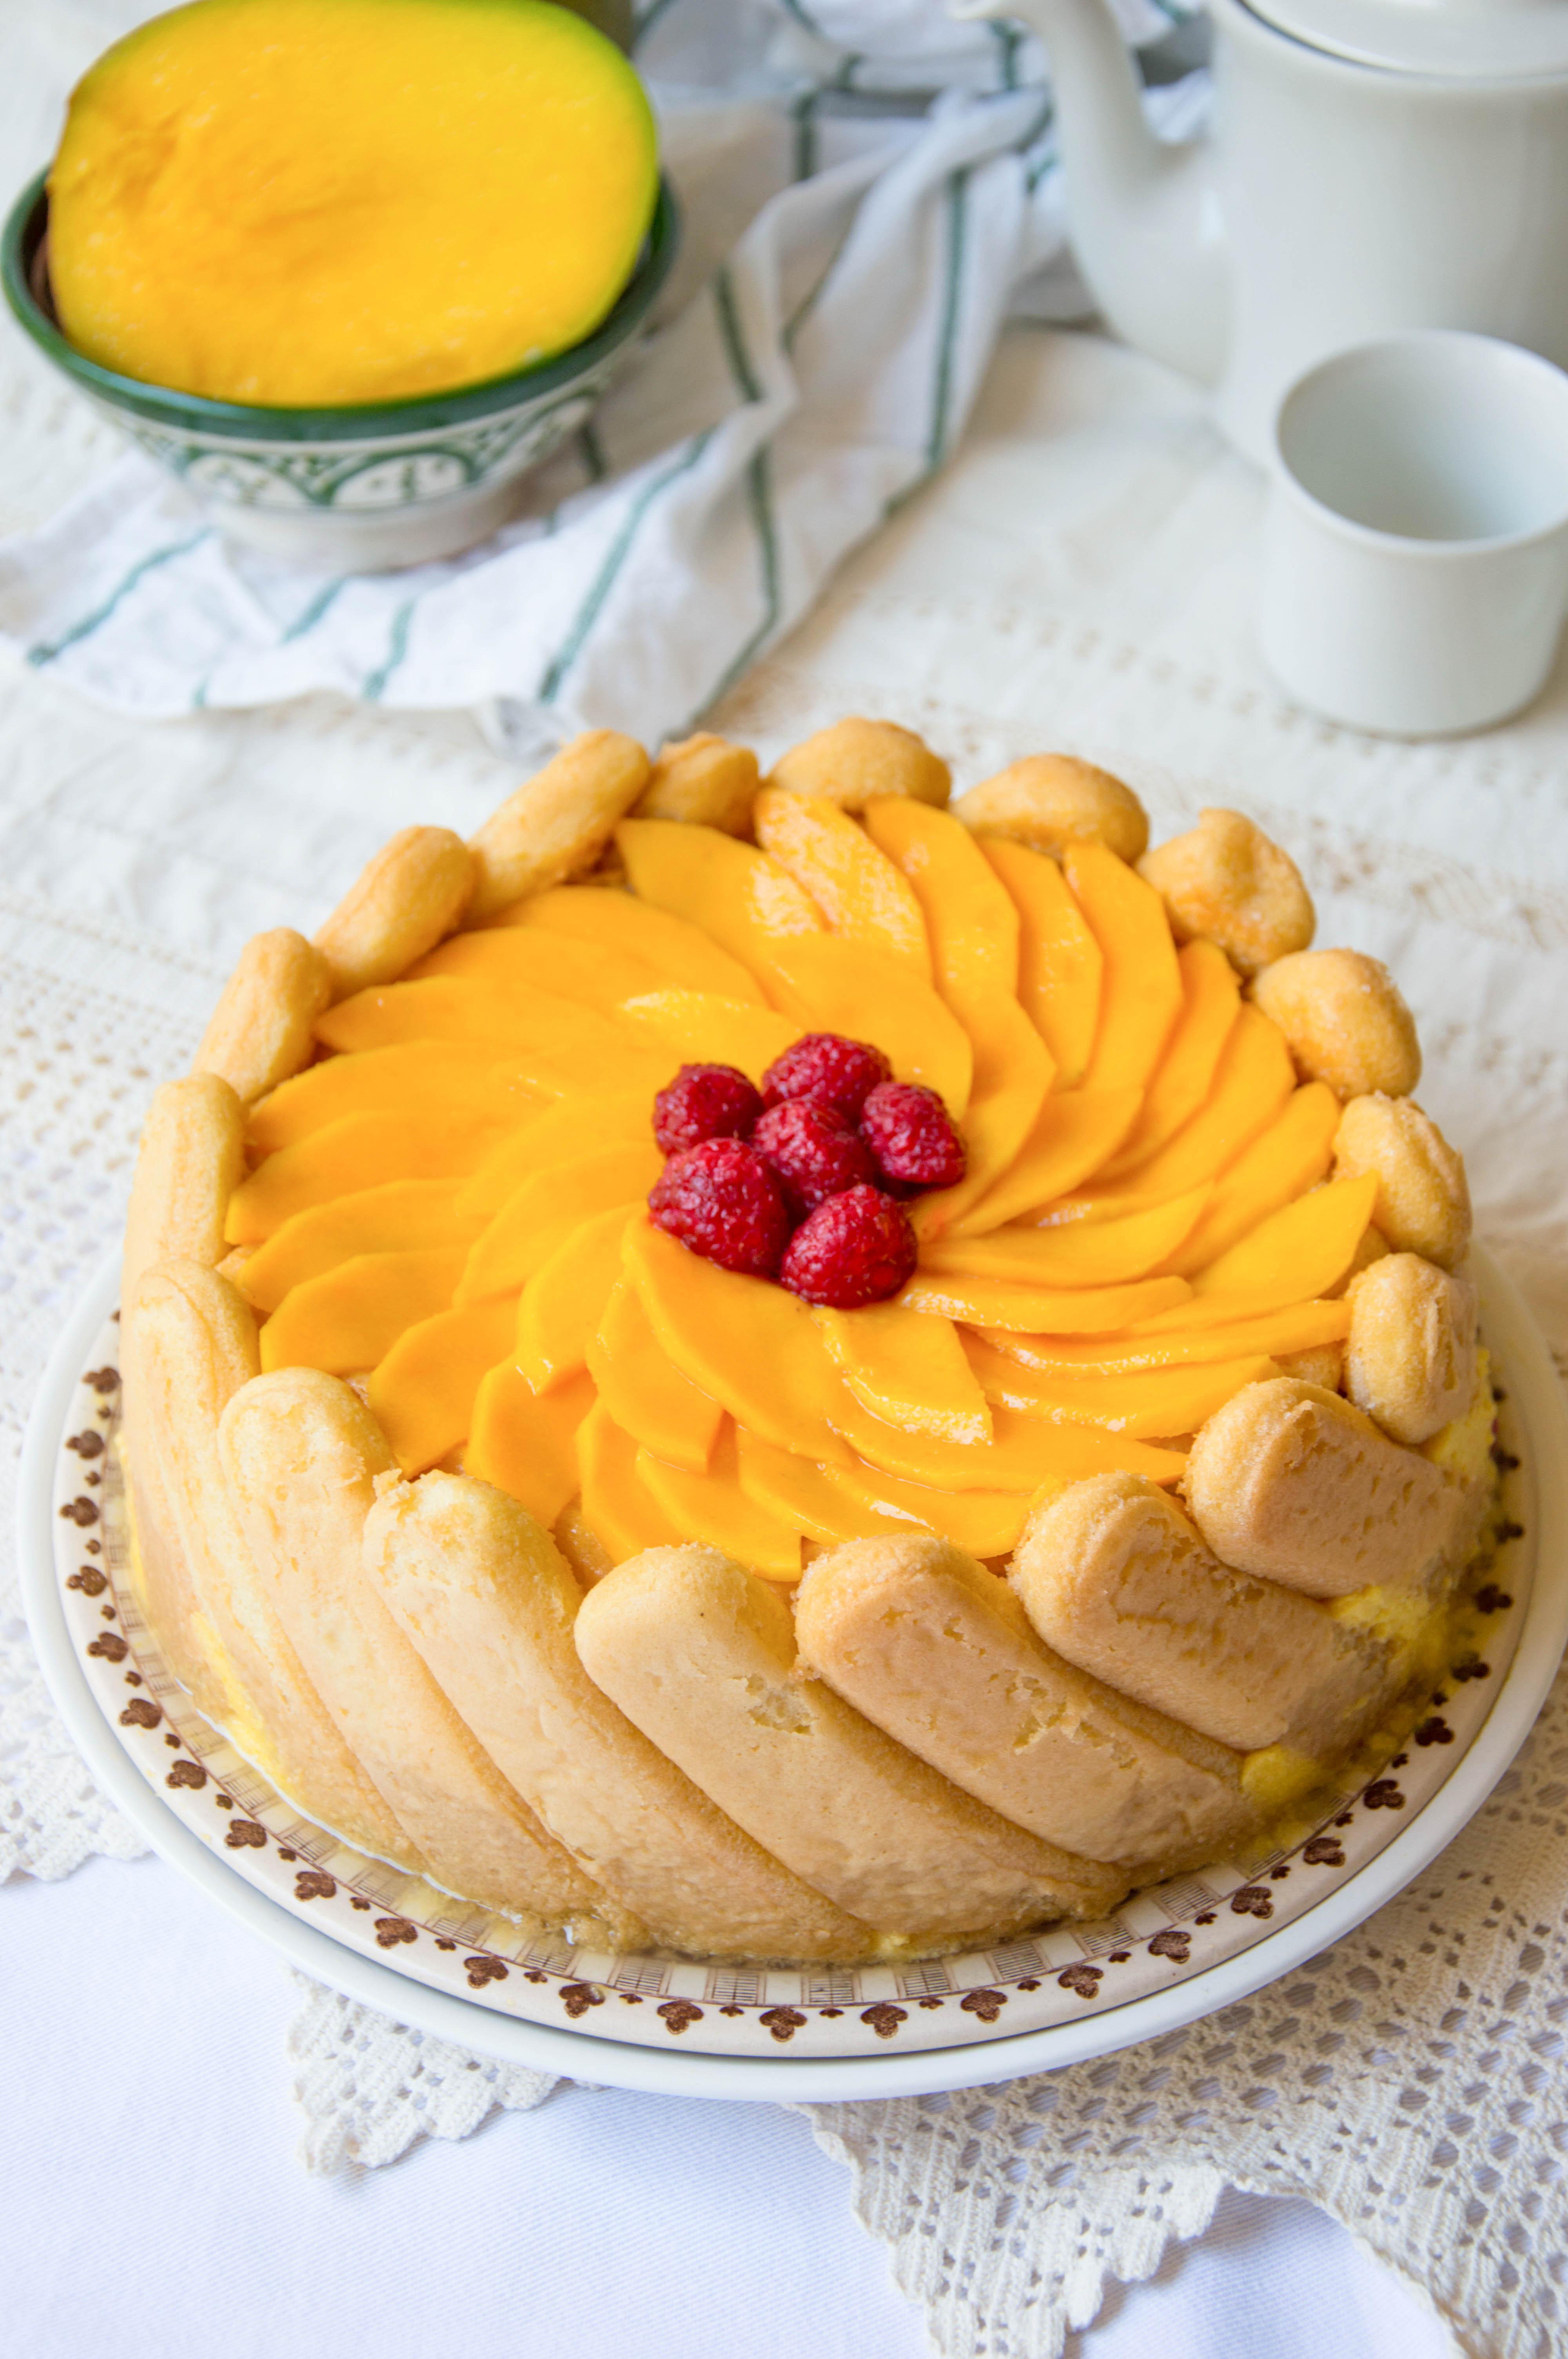 charlota de mango y frambuesas